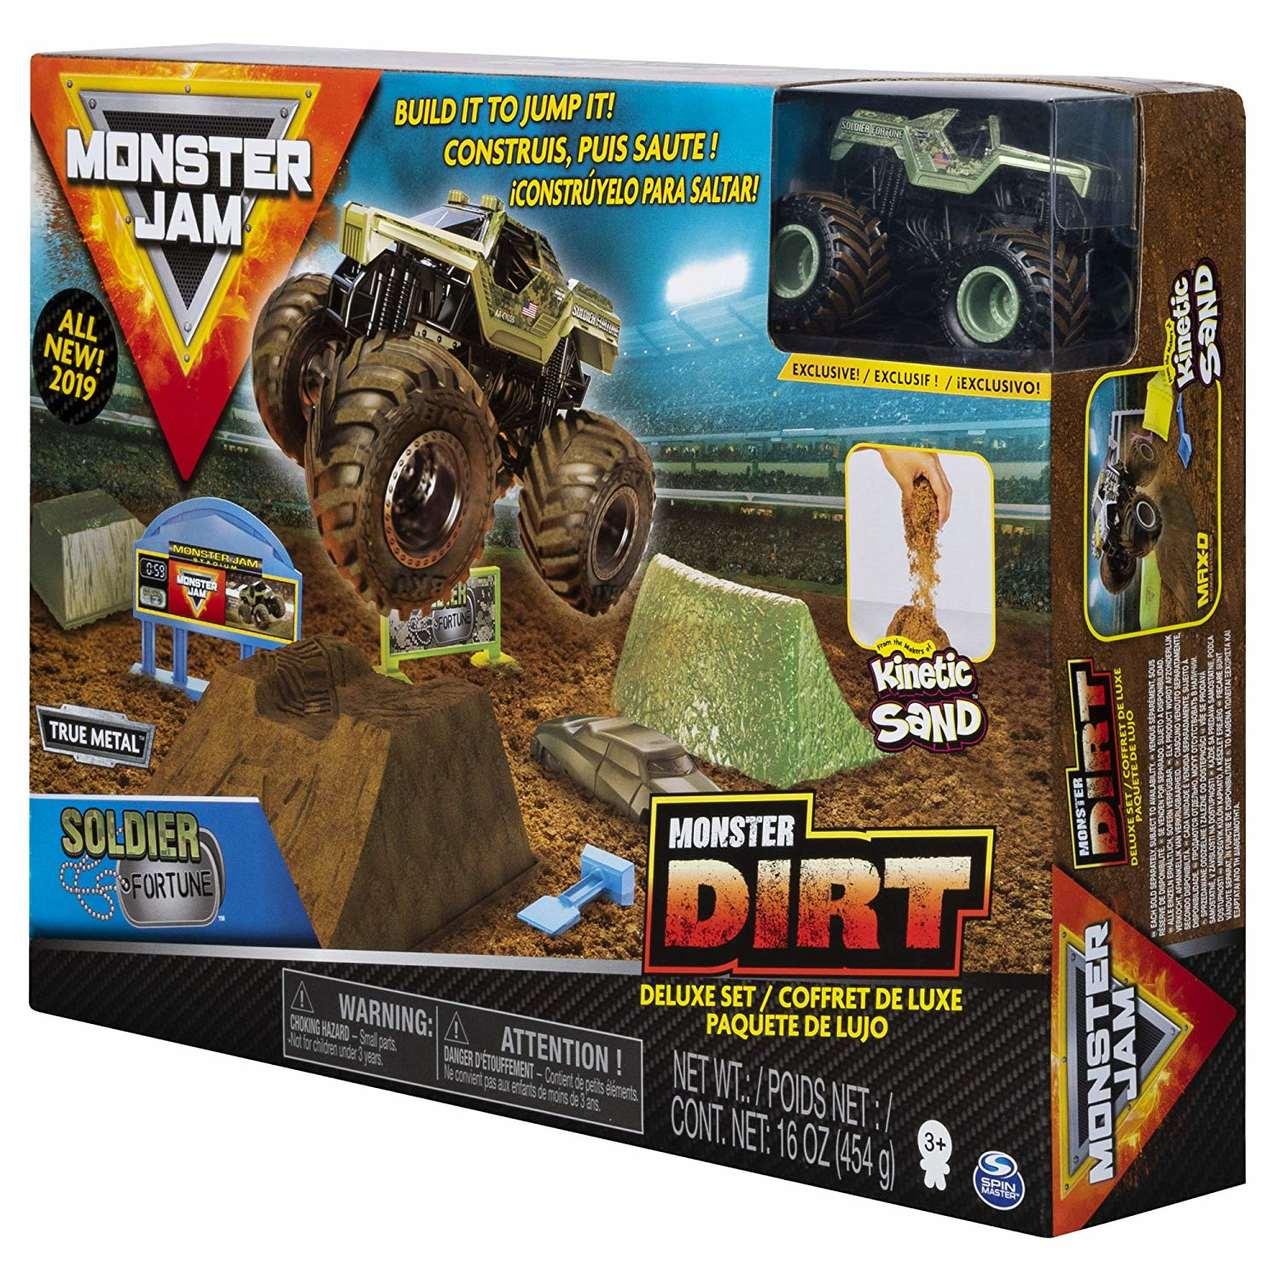 Pista Monster Jam - Playset Deluxe c/ 453 g de Areia Mágica1